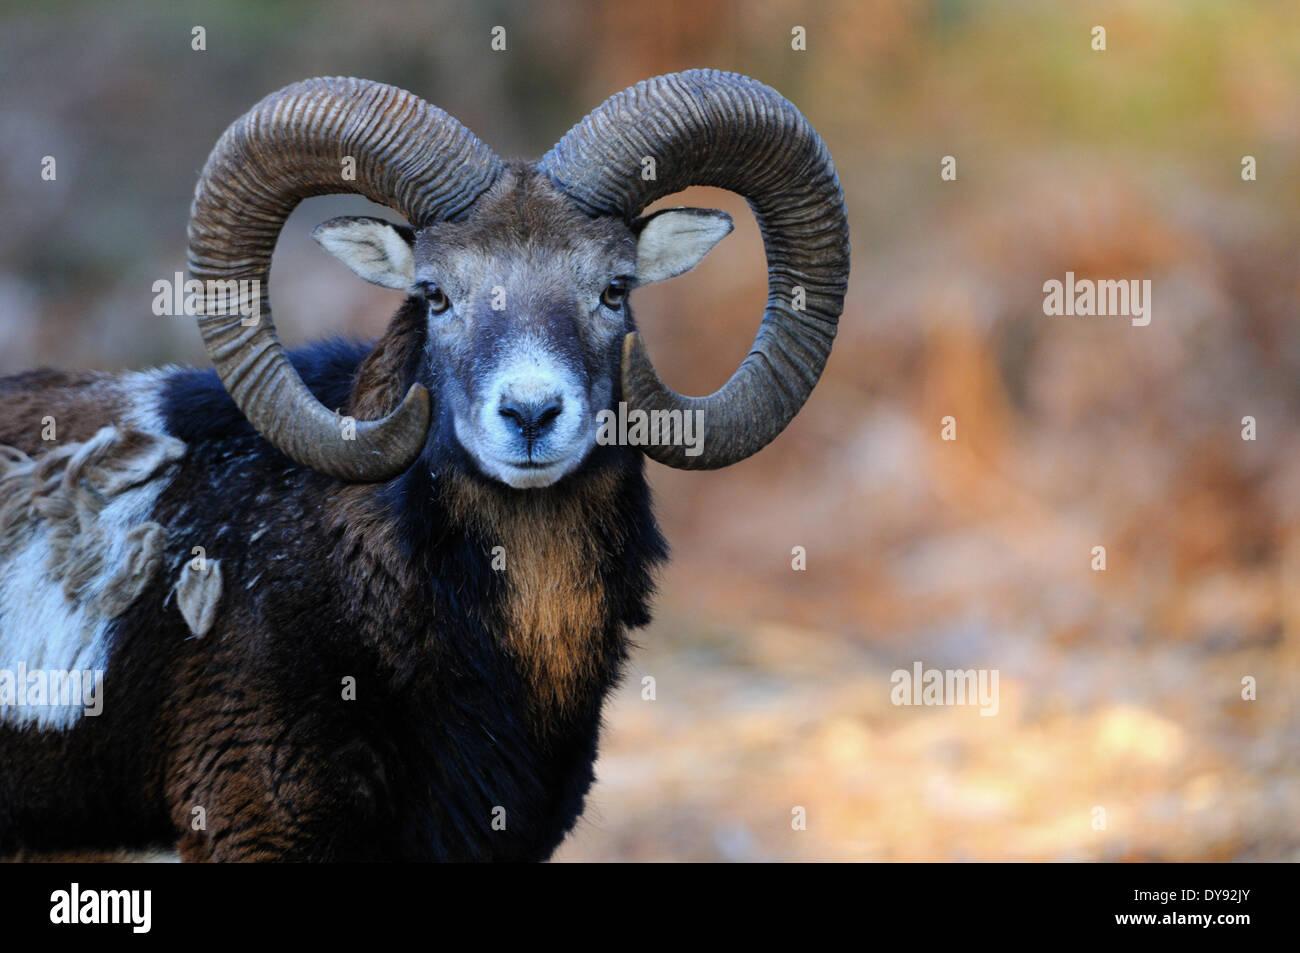 Ram Mufflon mountain sheep Ovis ammon musimon abrigo ovejas ovejas salvajes cabra-antílope cuerno cuernos Mufflons animal animales, Imagen De Stock